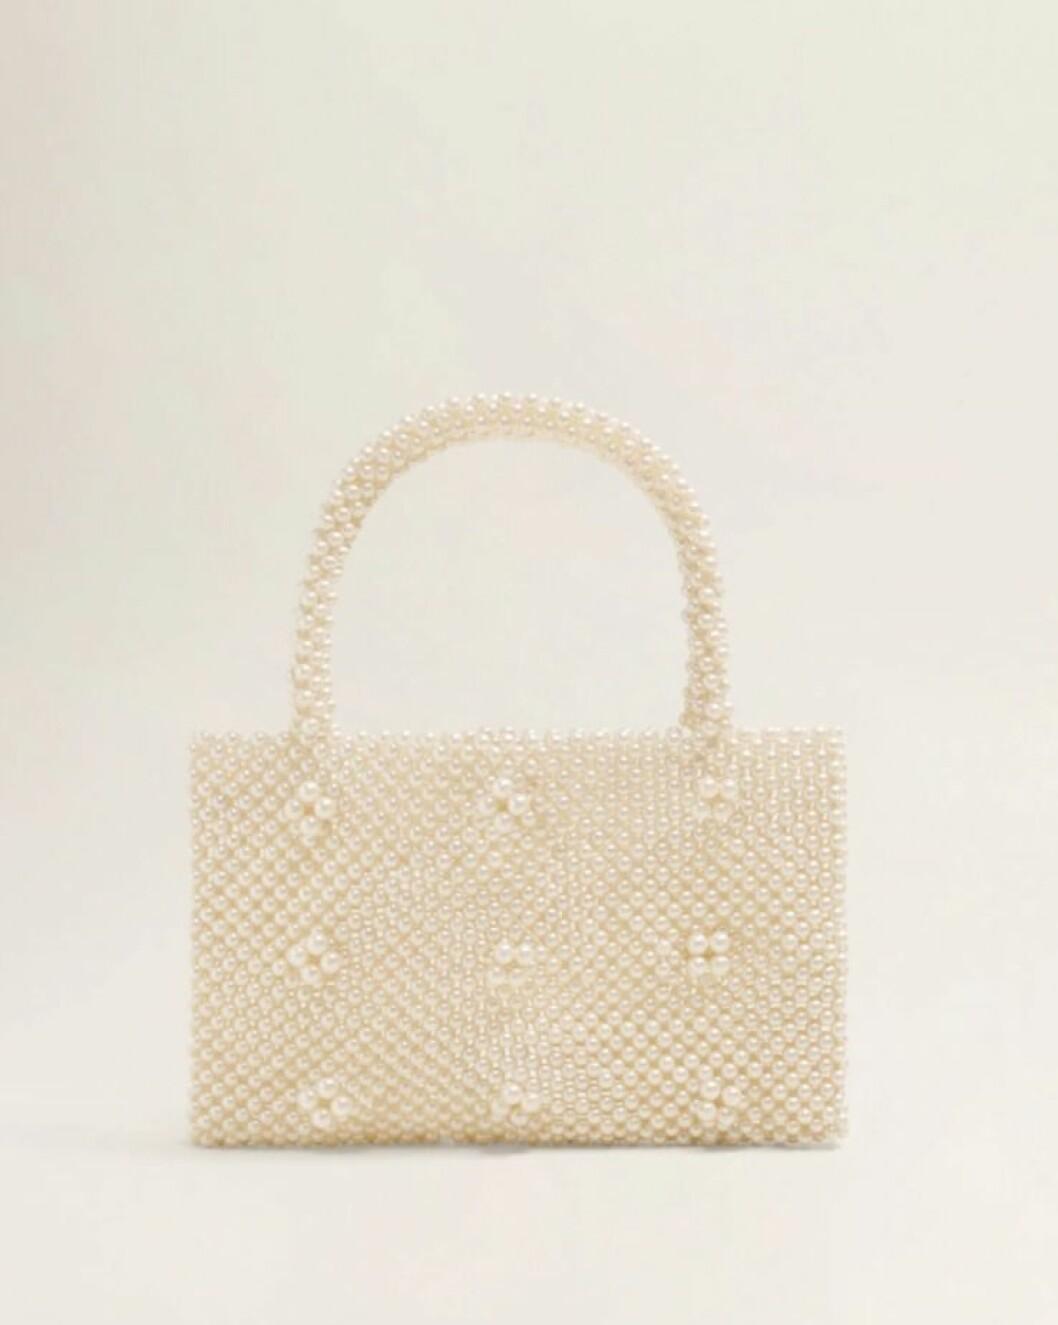 <strong>Veske fra Mango |499,-| https:</strong>//shop.mango.com/no-en/women/bags-handbags/pearls-bag_33050996.html?c=01&n=1&s=accesorios_she.accesorio;40,340,440